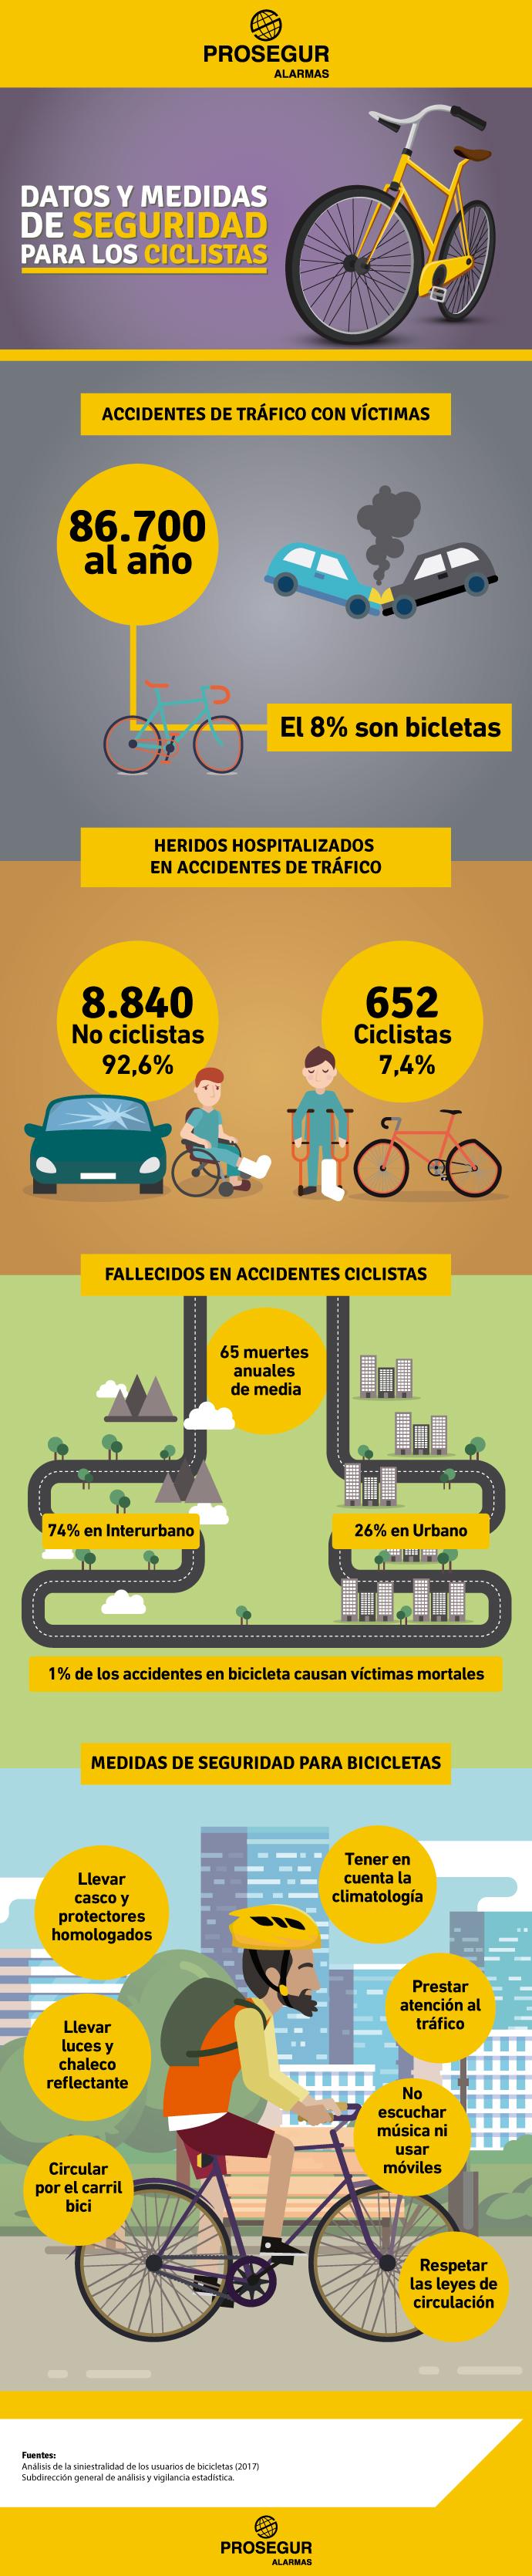 Descubre estos datos y medidas de seguridad para ciclistas - Blog Prosegur.